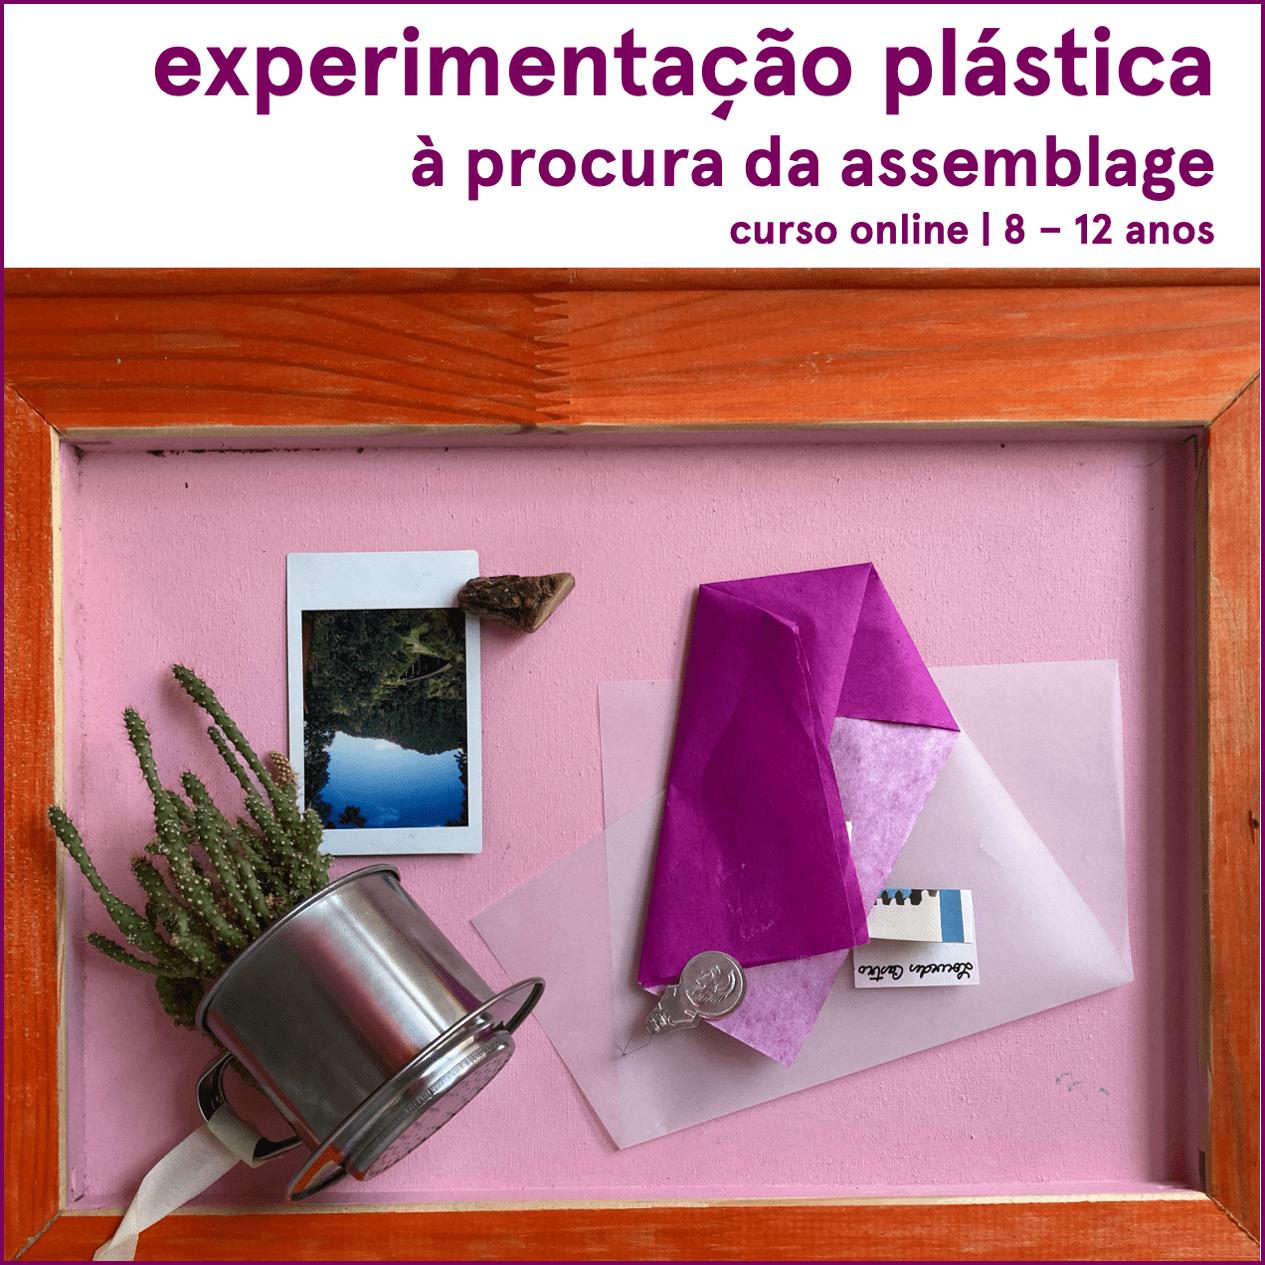 Experimentação plástica: à procura da assemblage